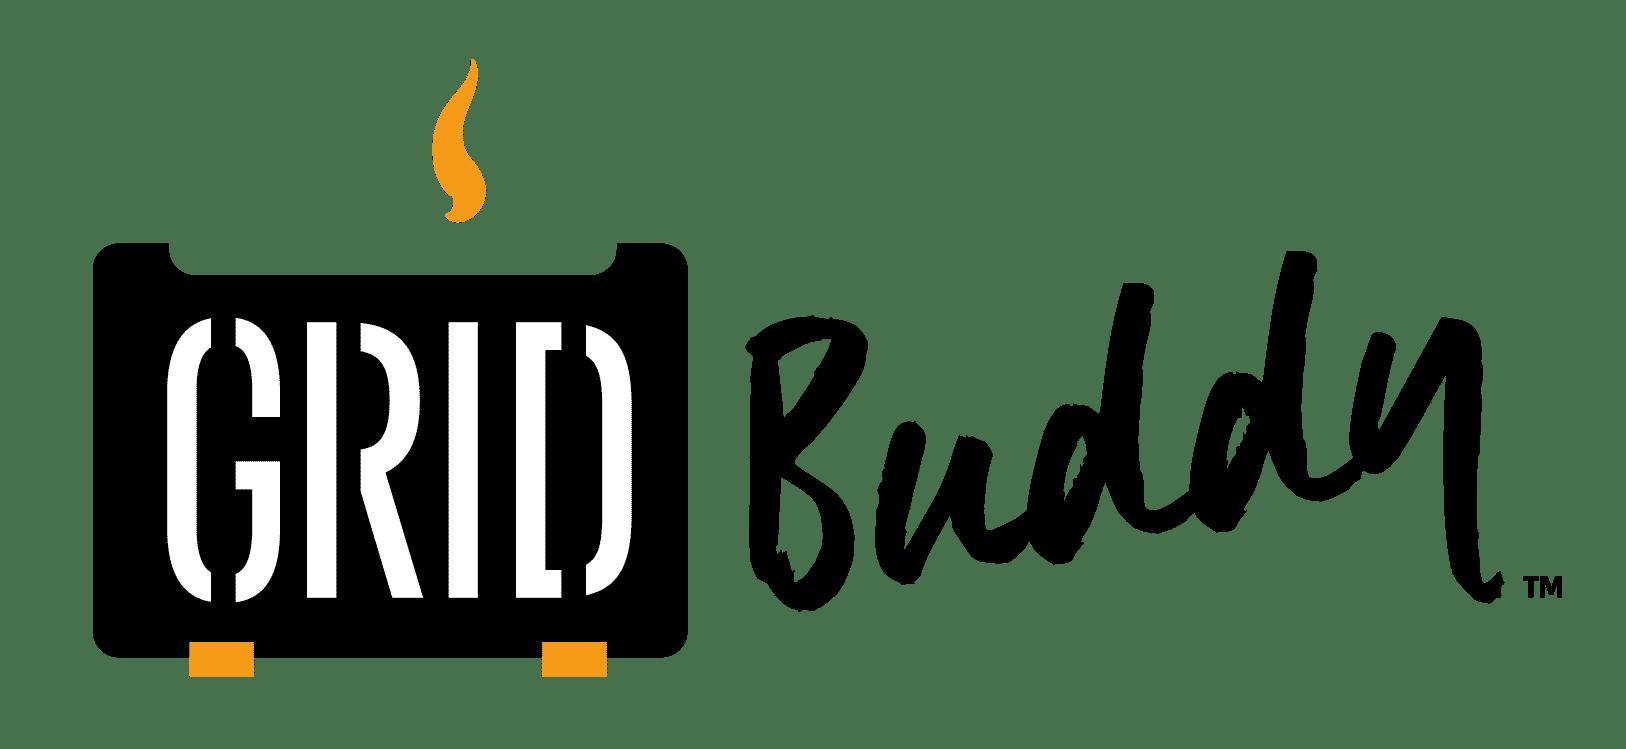 Grid Buddy